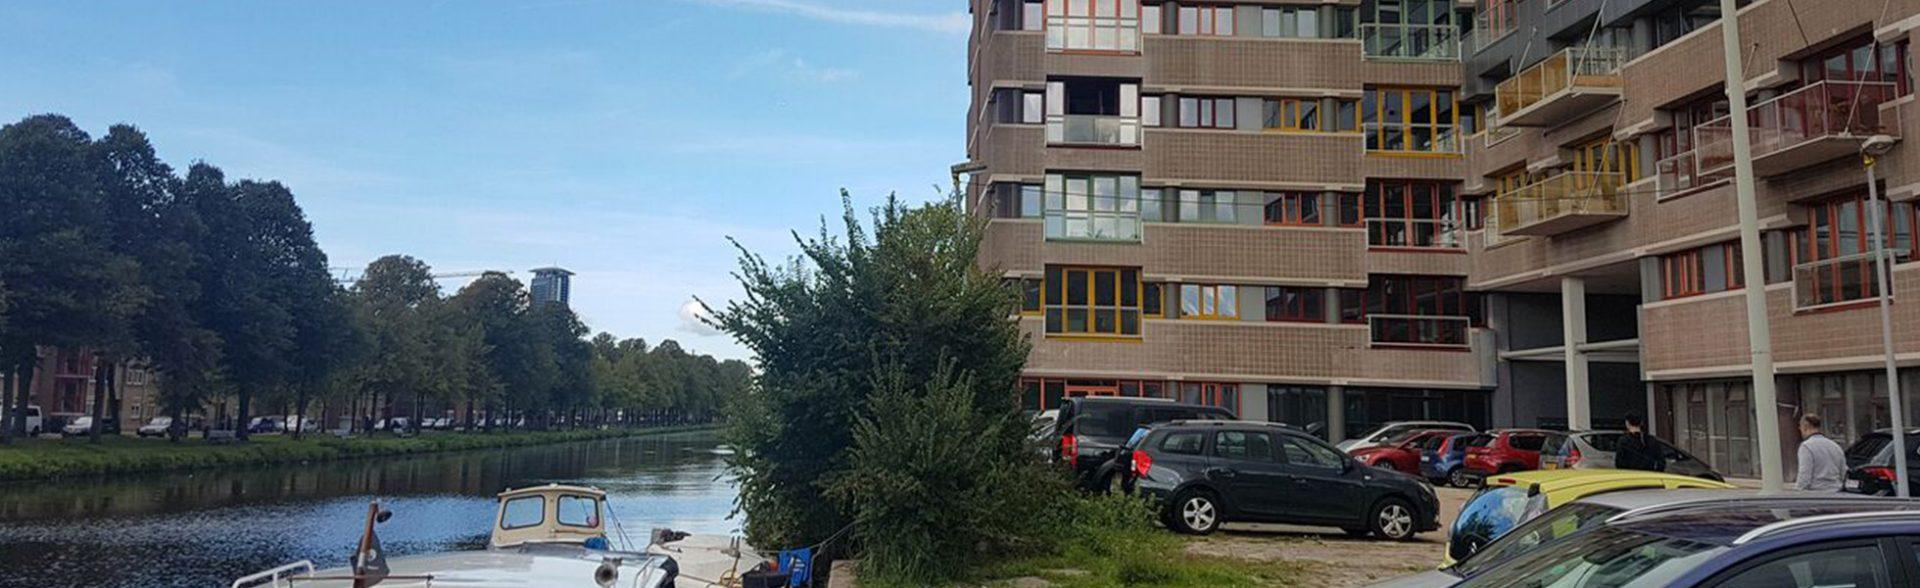 Rebelz: op de Binckhorst